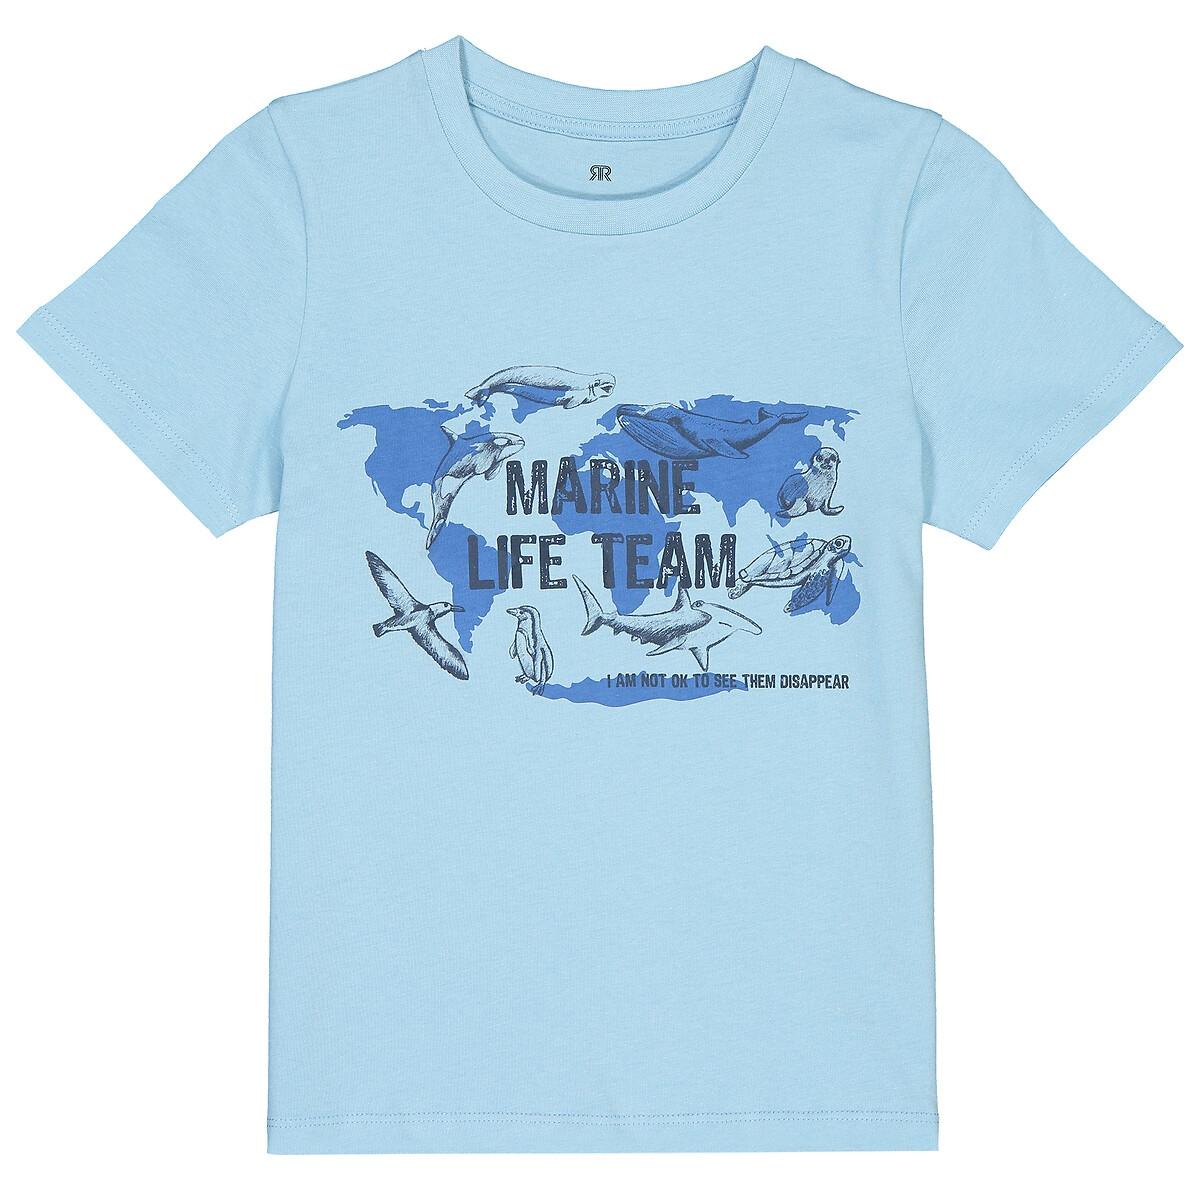 Фото - Футболка La Redoute С круглым вырезом и рисунком 3-12 лет 3 года - 94 см синий комбинезон la redoute из вискозы 3 года 94 см синий